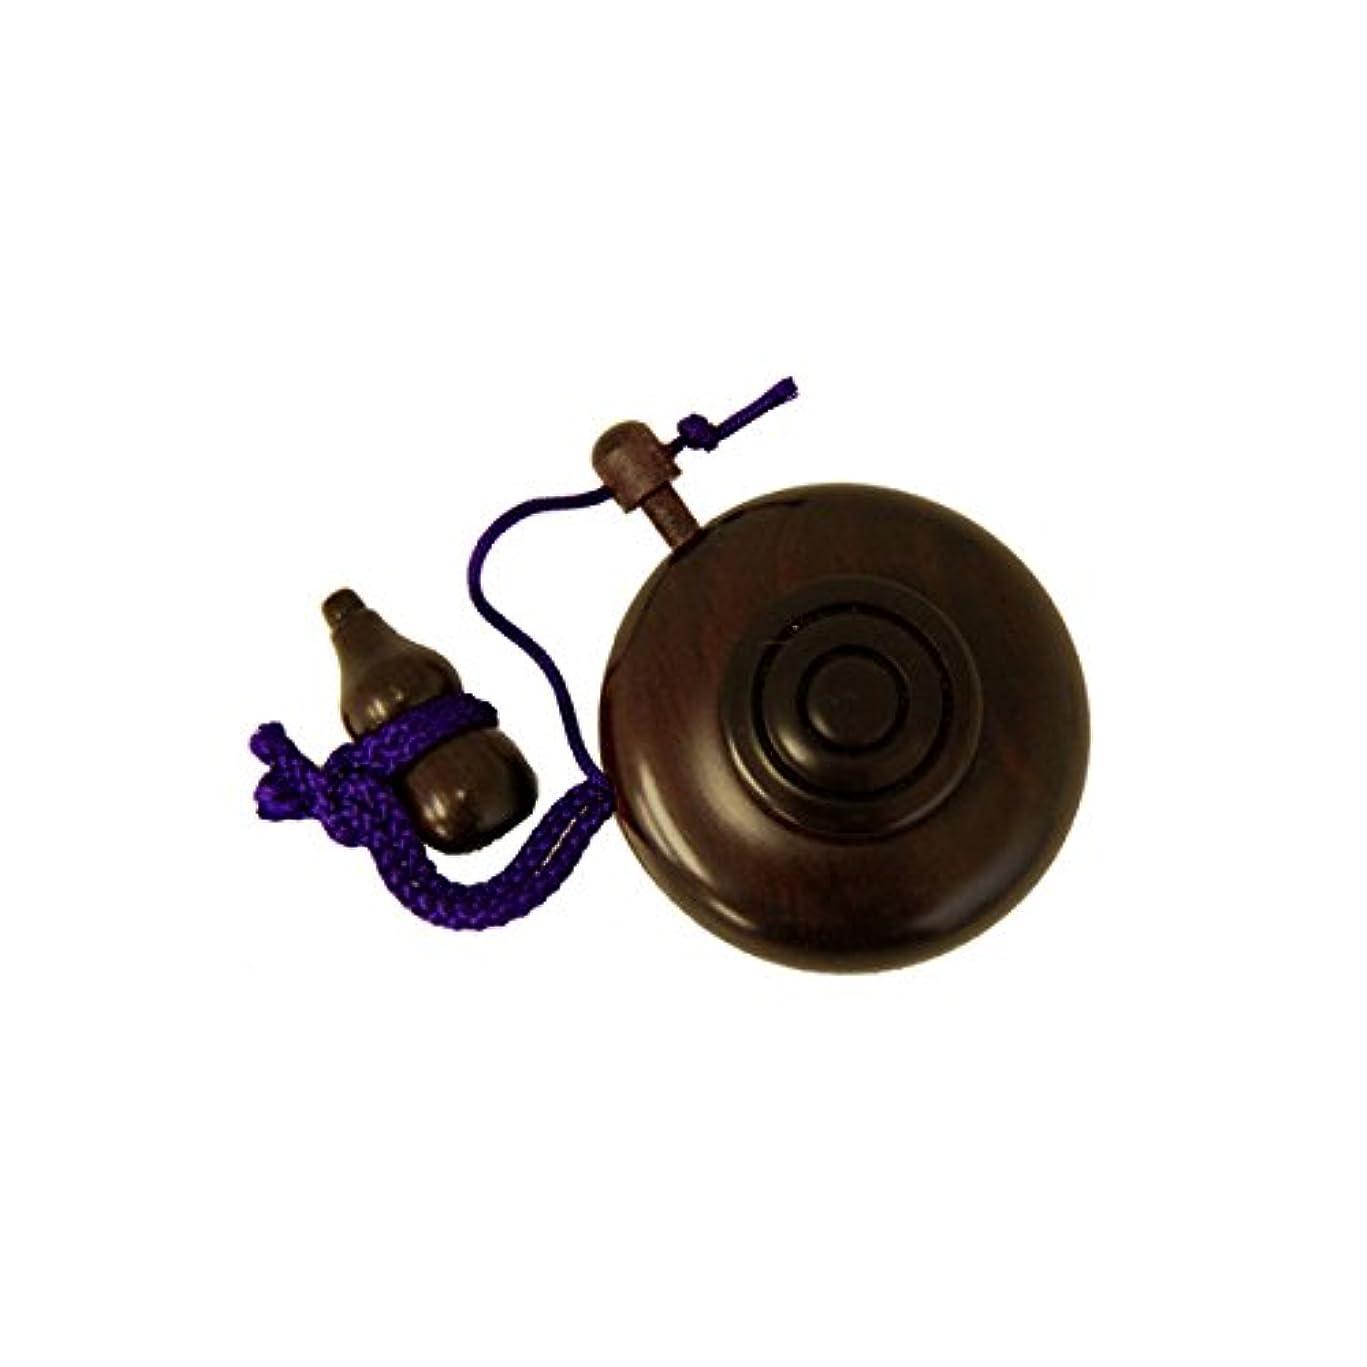 ヒューズ一般質素な塗香入(紫檀) 紙箱入